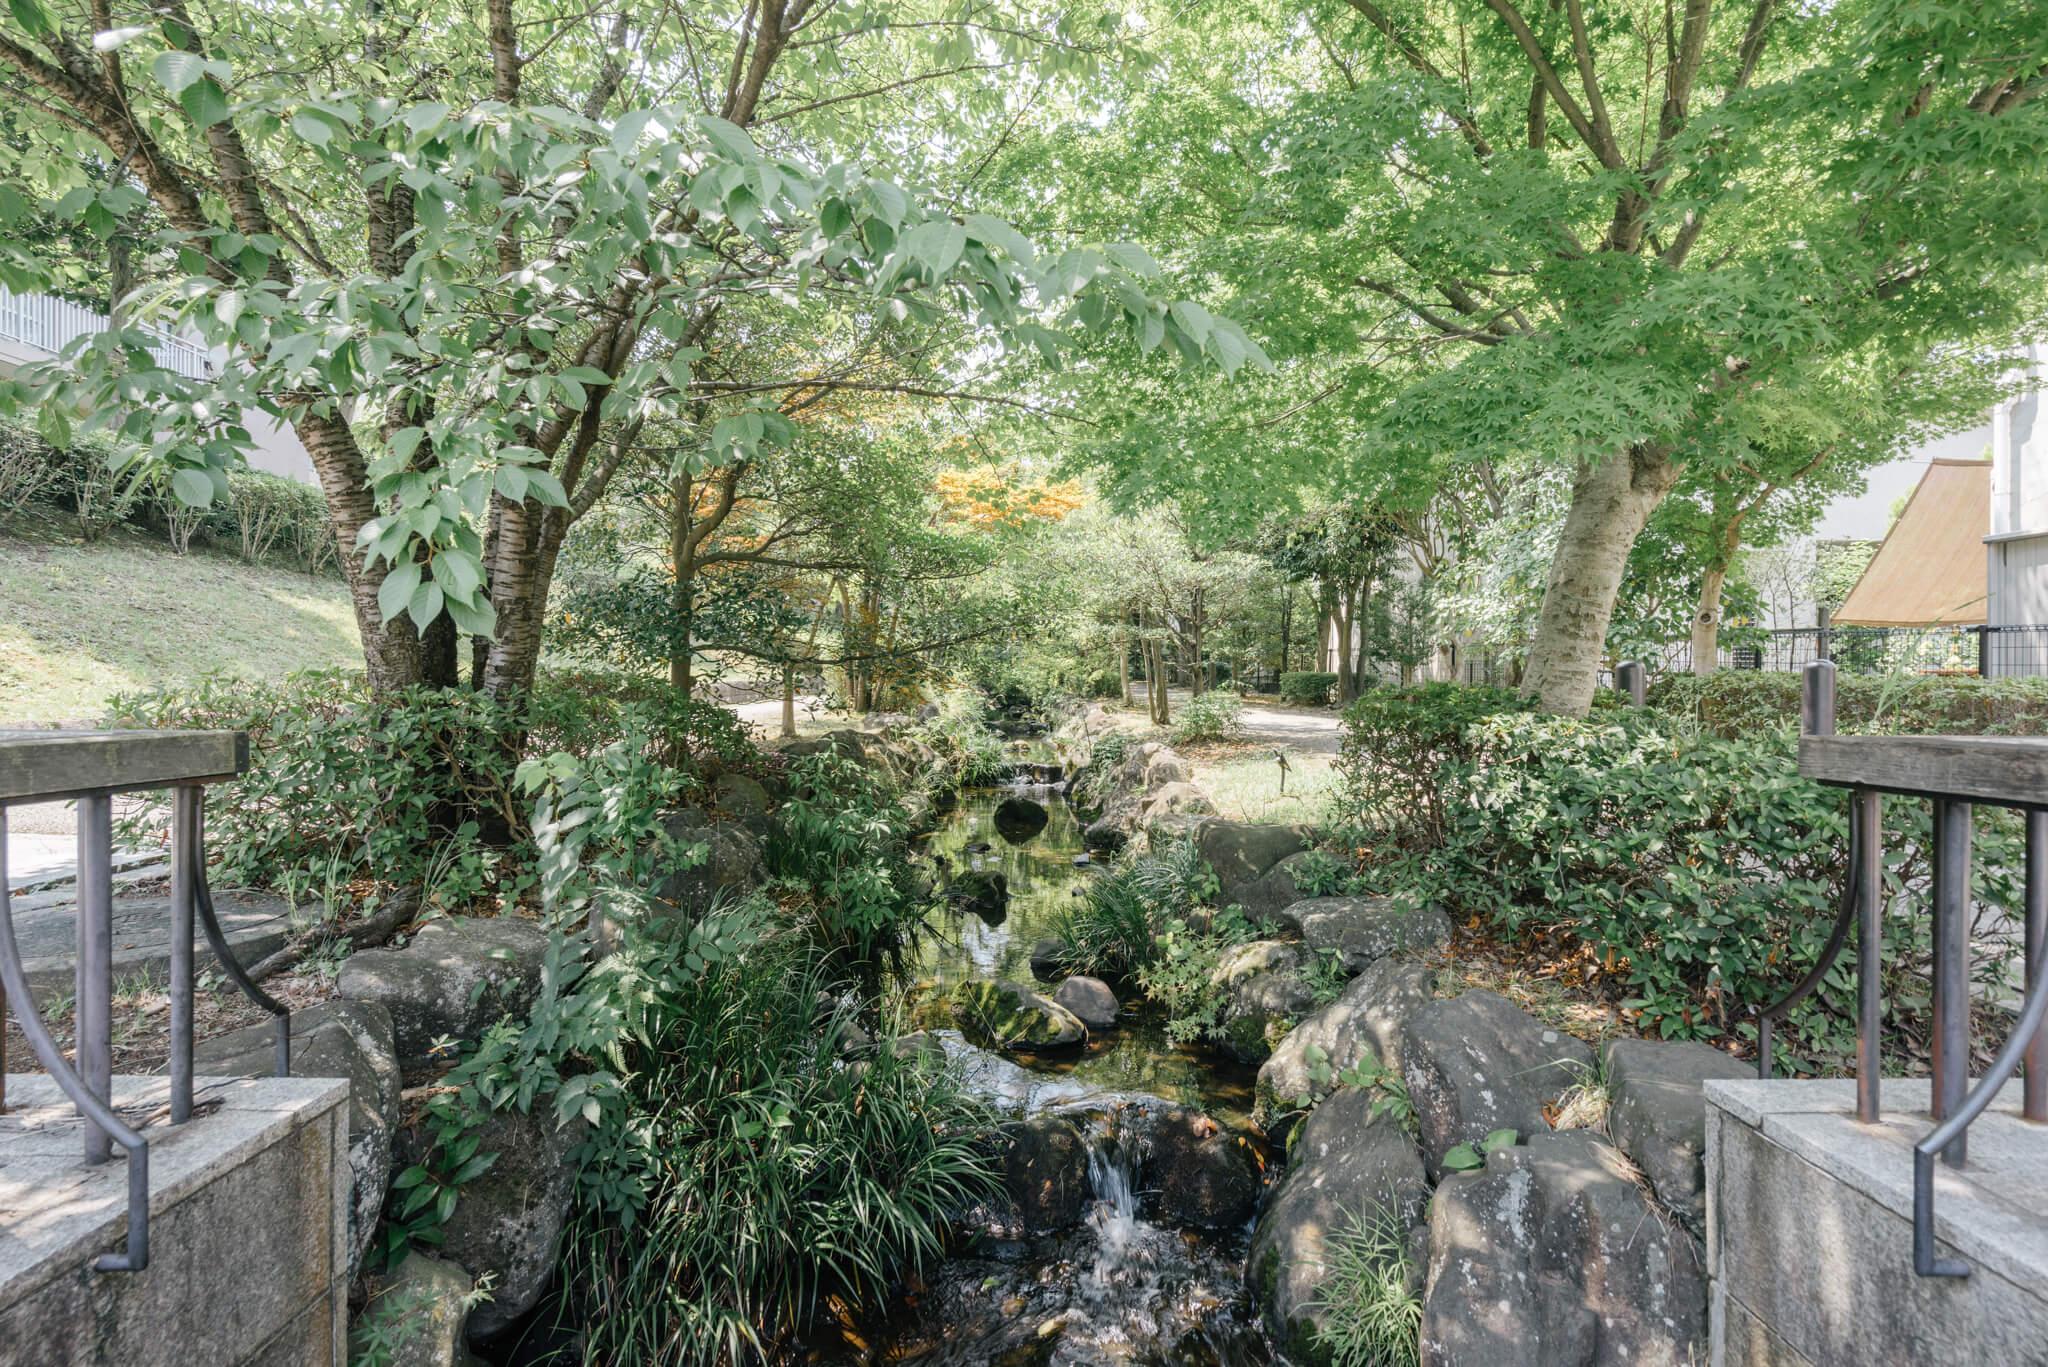 住宅街の中に続く、「せせらぎ緑道」。里山の小川の雰囲気を残す、癒しスポット。